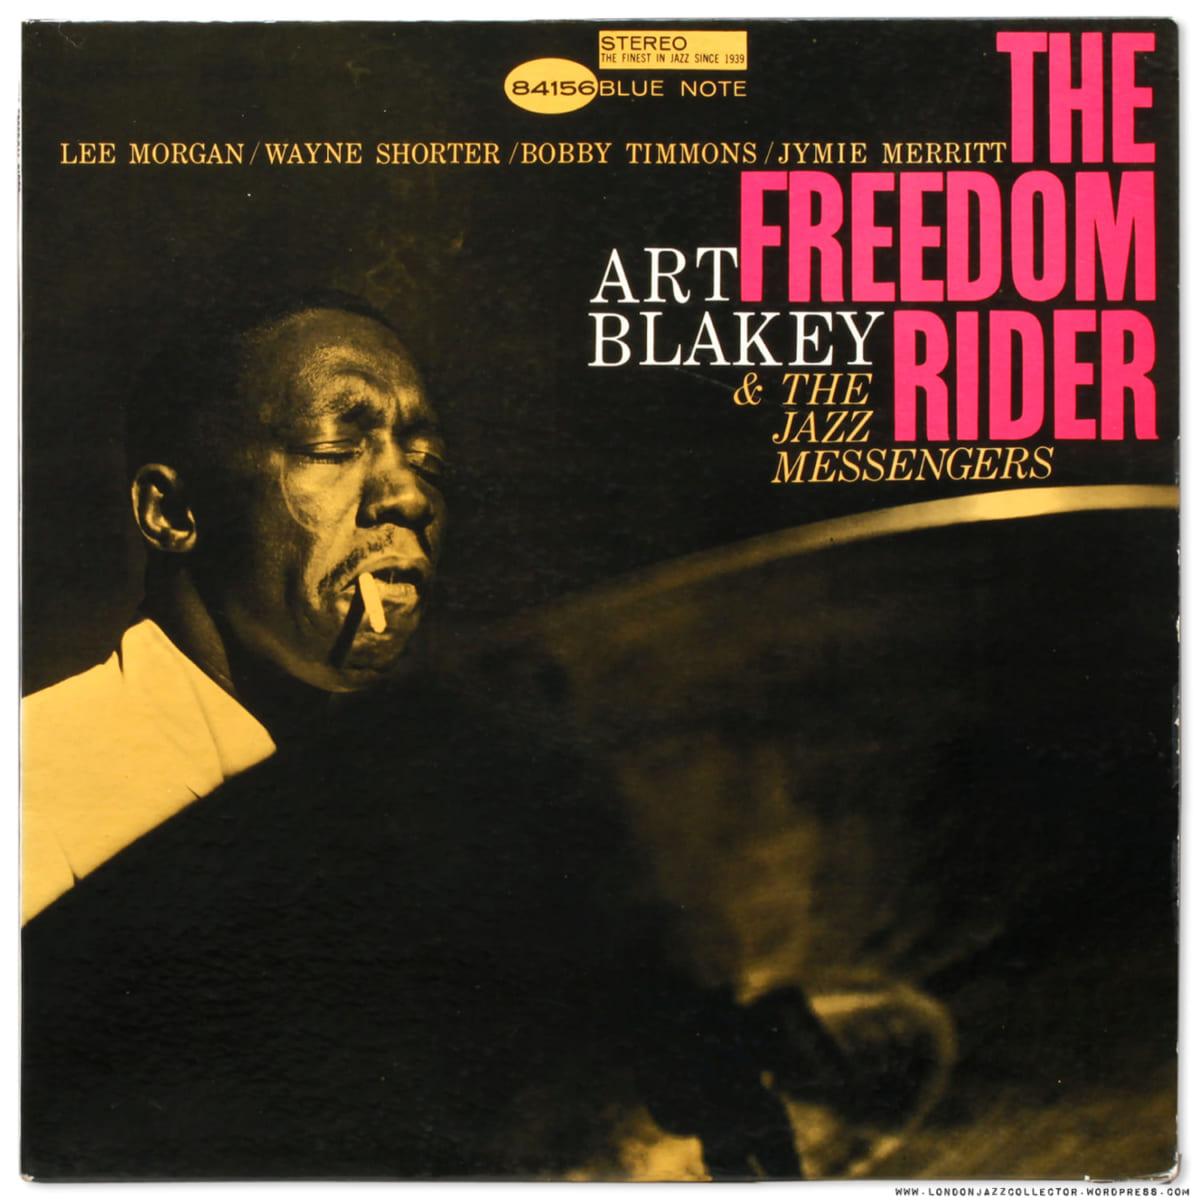 アート・ブレイキー&ジャズ・メッセンジャーズ『The Freedom Rider』